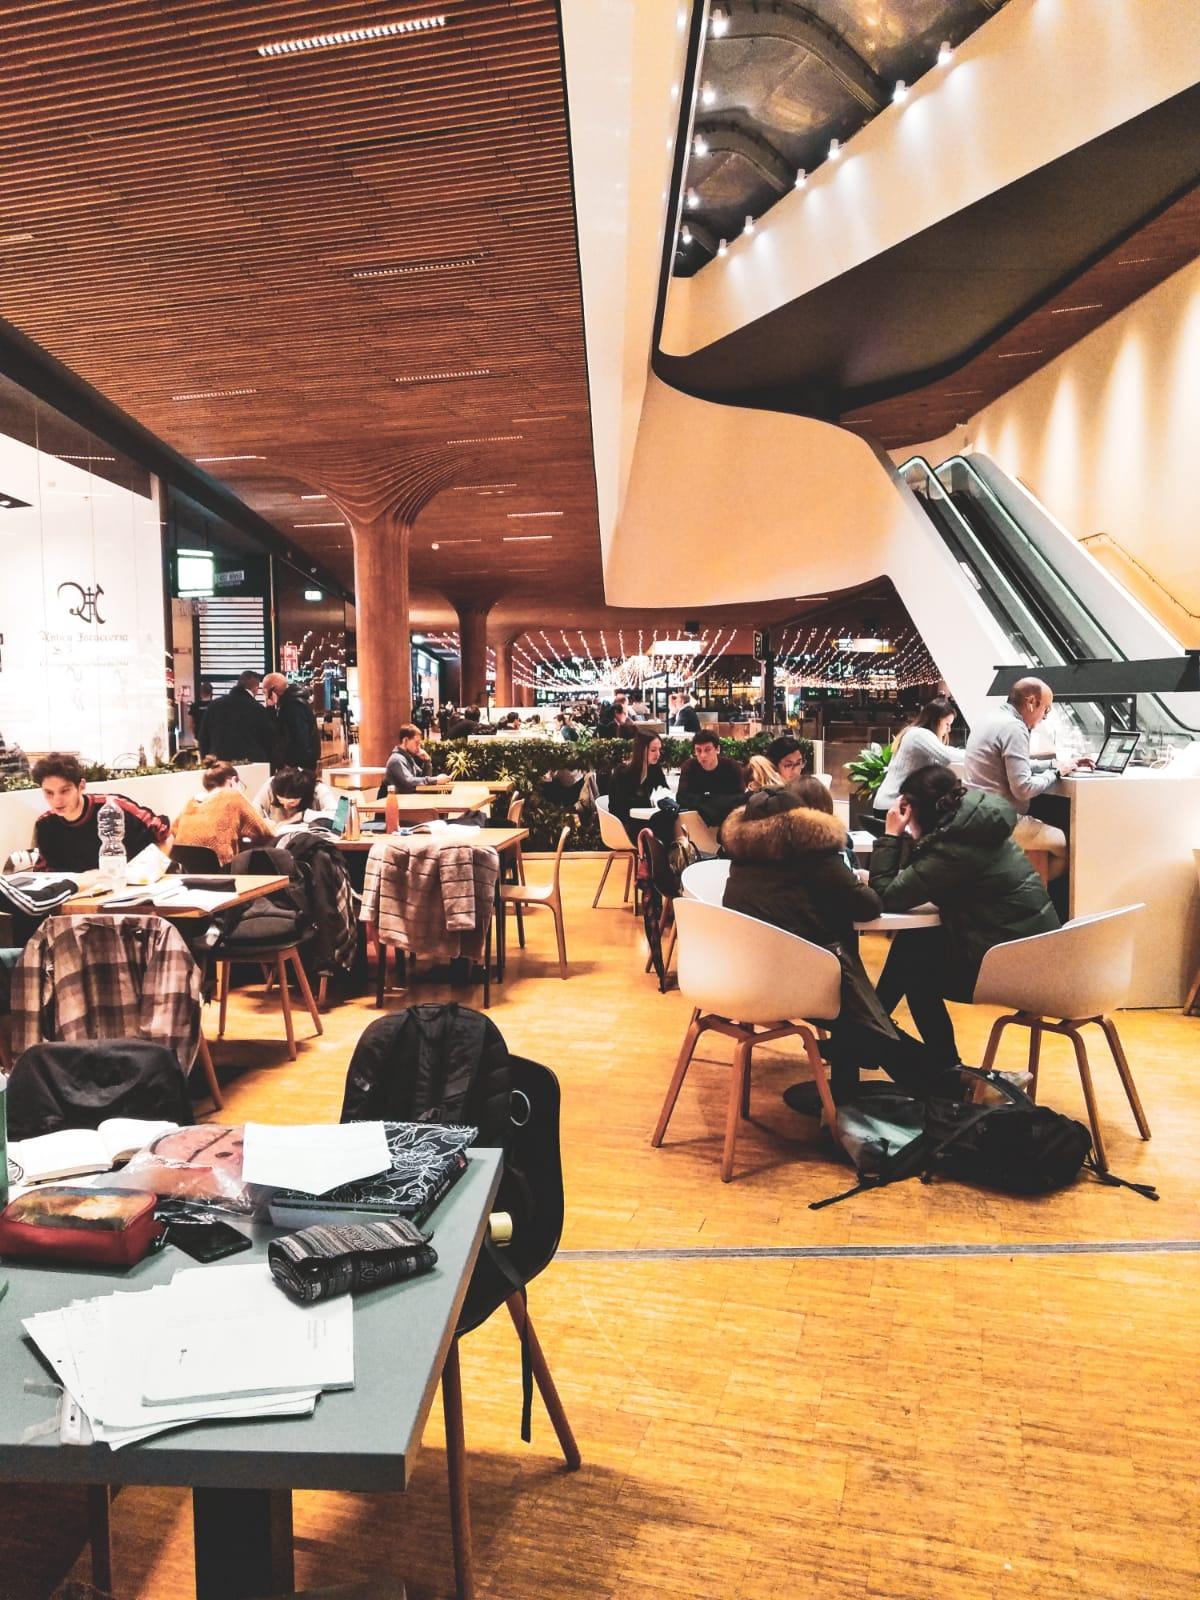 posti dove studiare Milano dove studiare milano